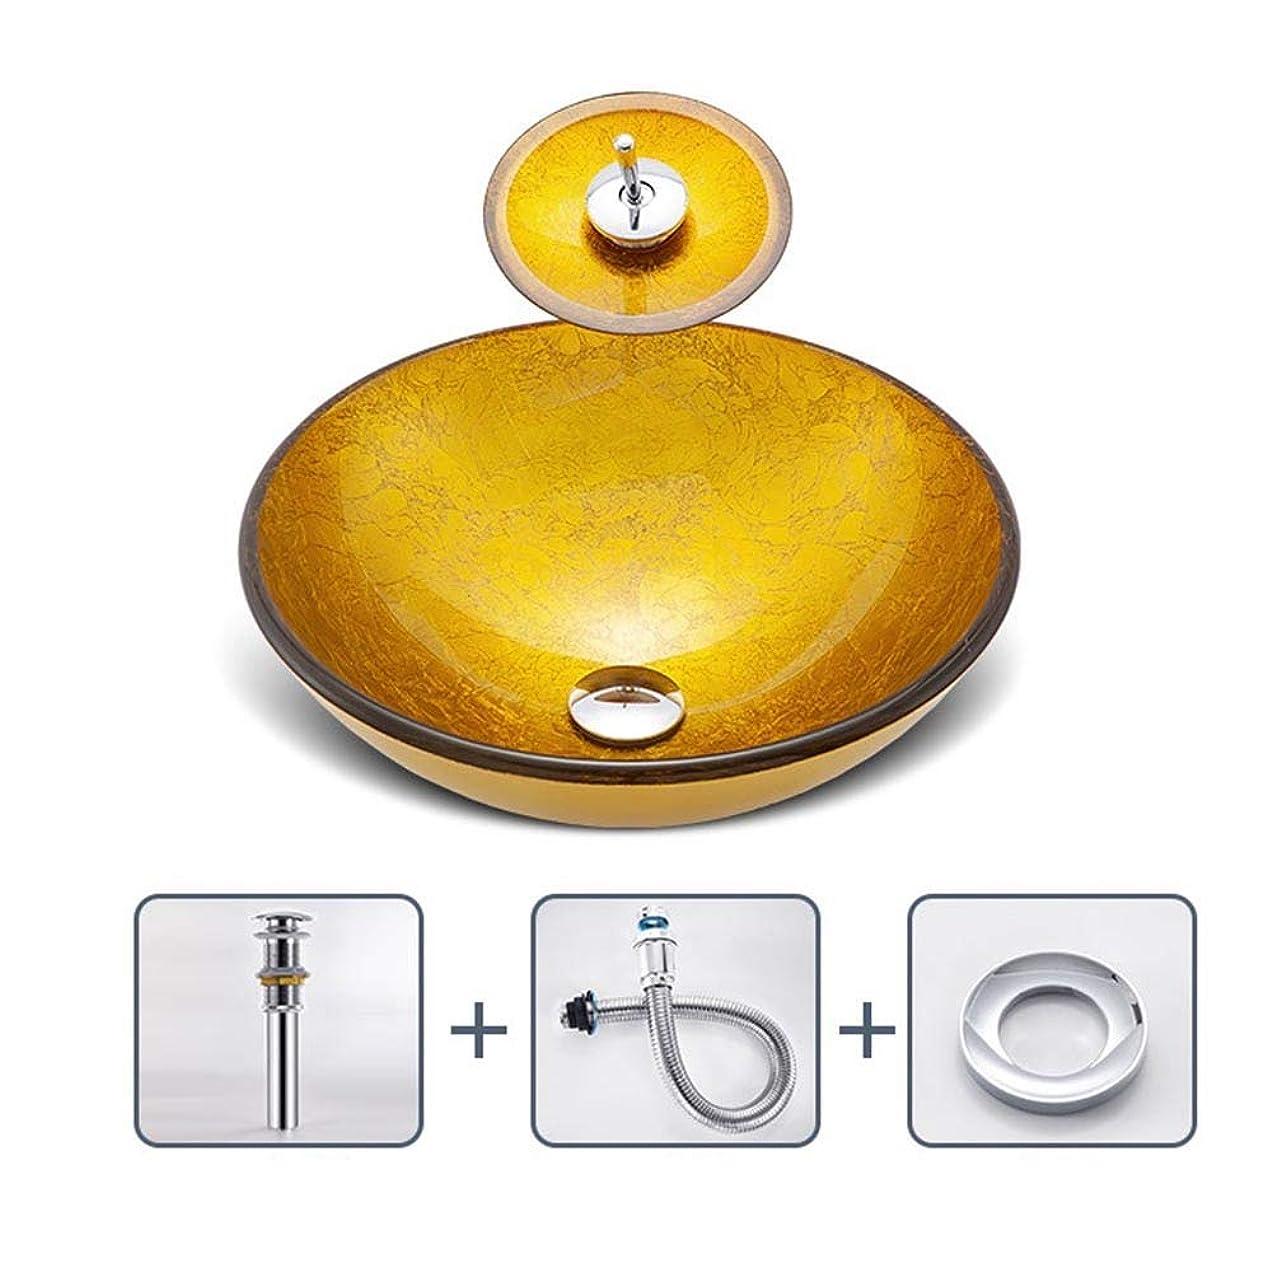 修復下手メダリスト洗面台 浴室上記カウンター容器バニティシンクボウルでオイルラバーブロンズの蛇口、ポップアップドレイン 洗面ボール (Color : Gold, Size : 42x42x14.5cm)